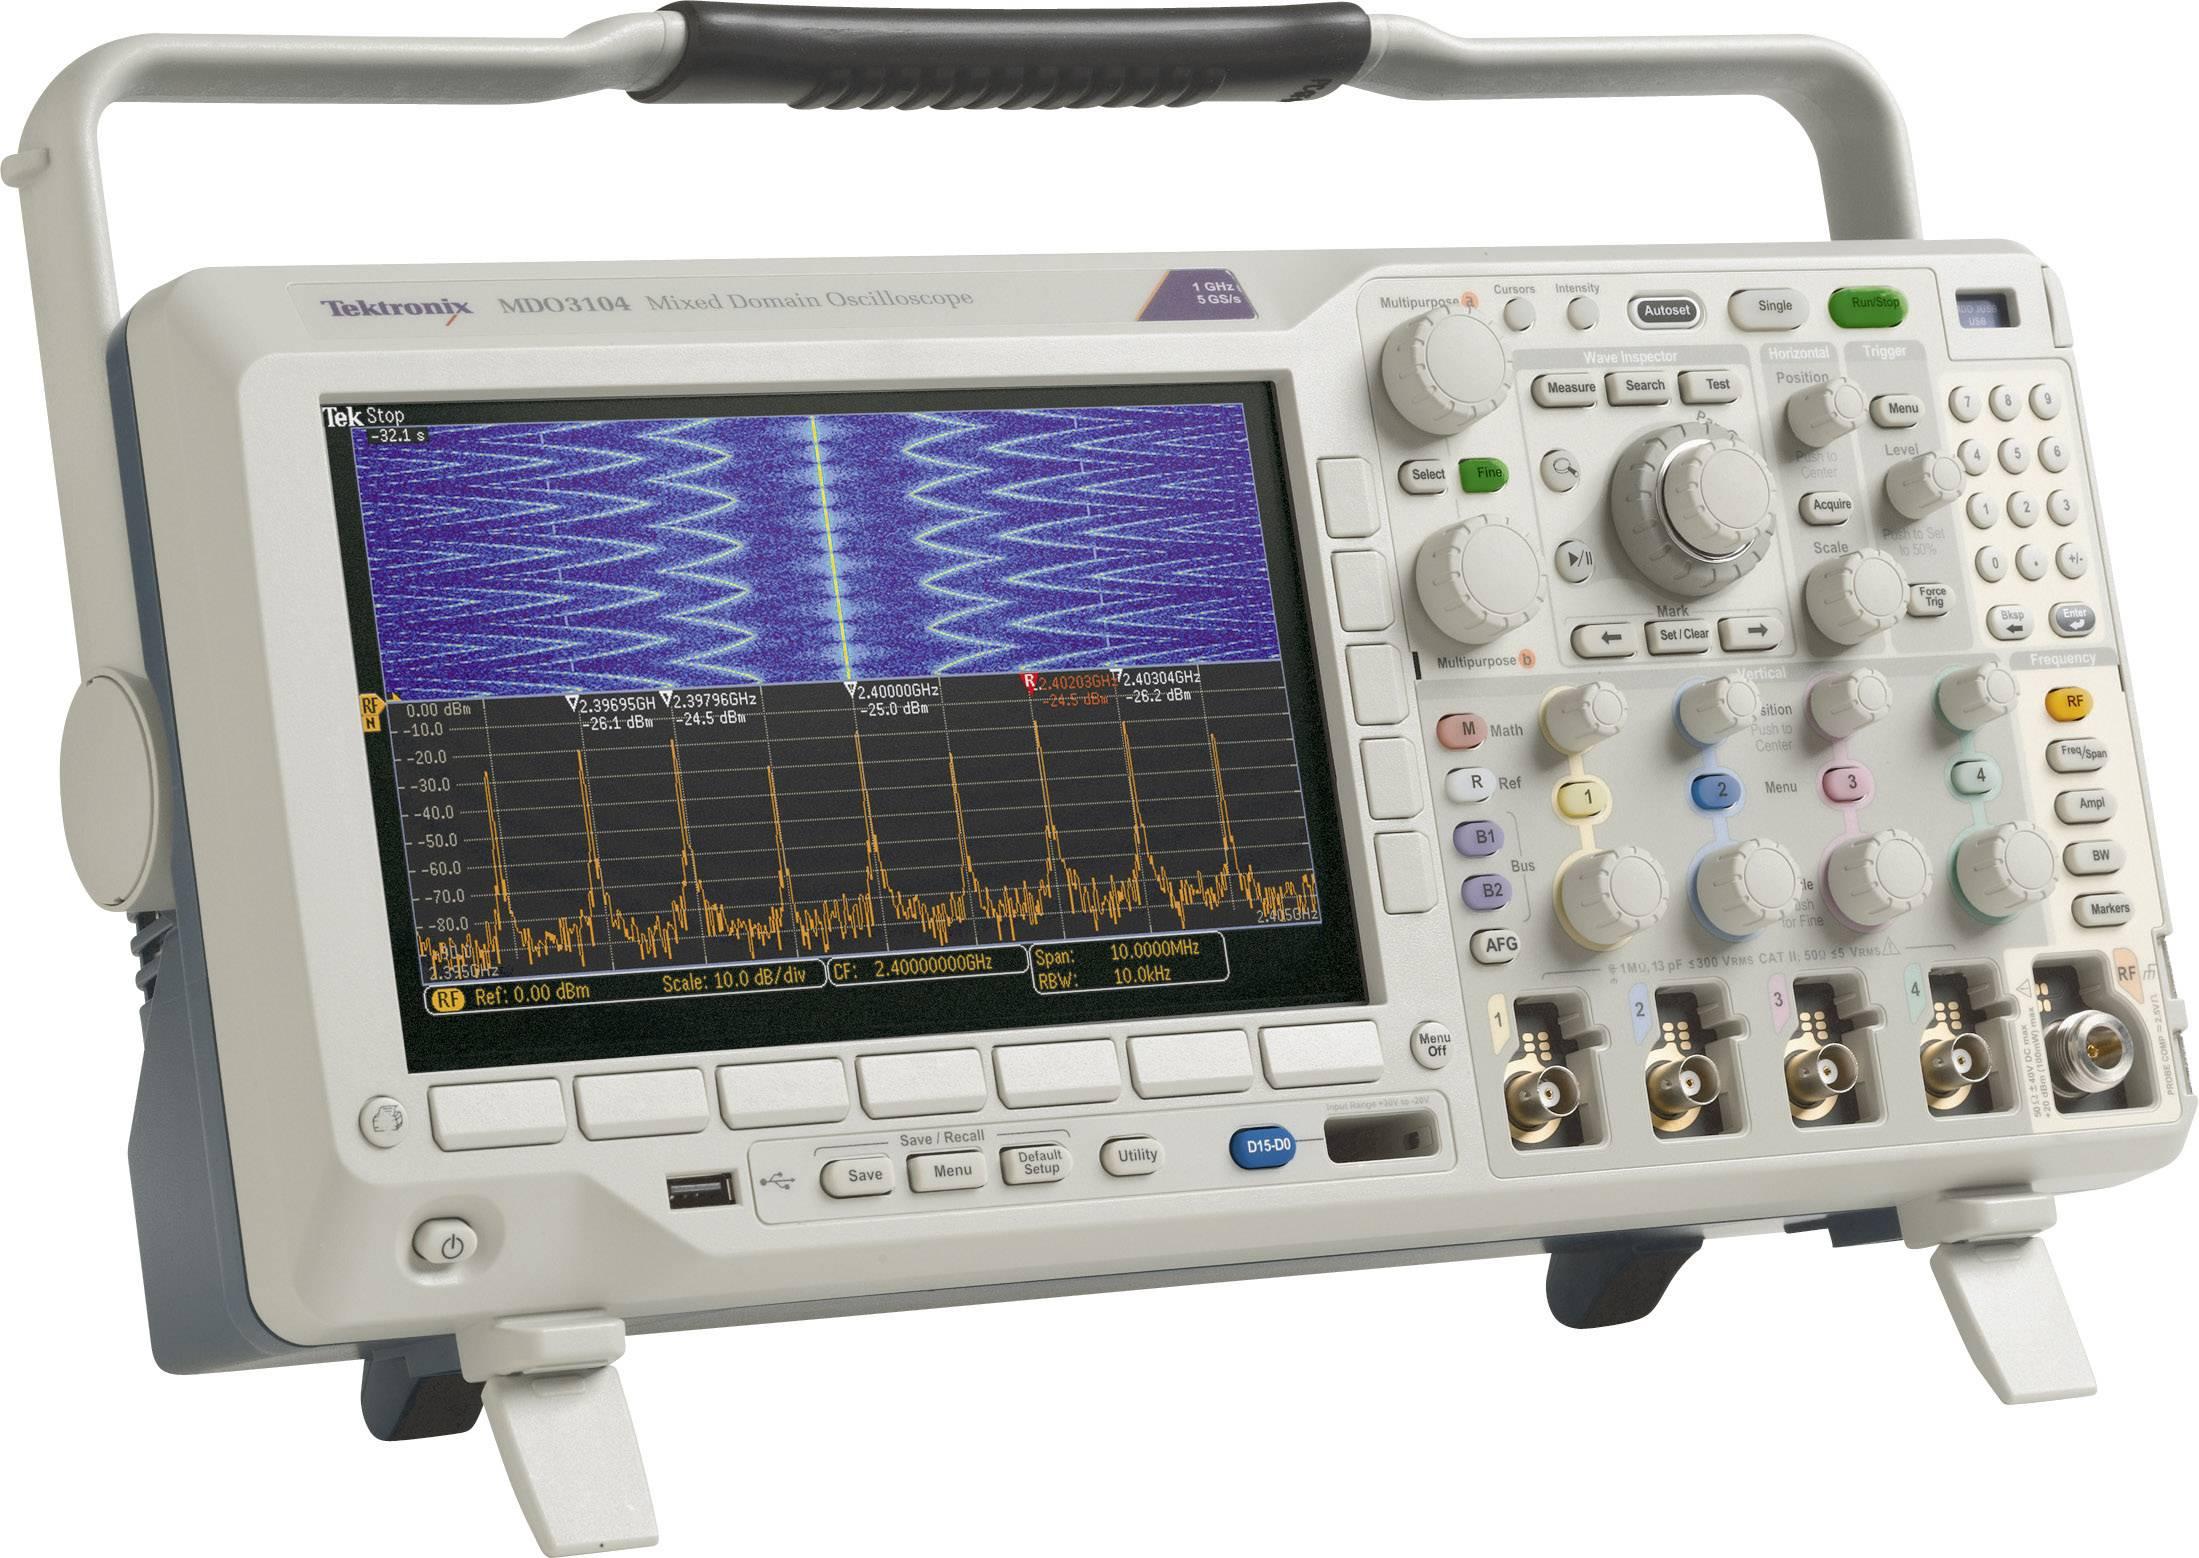 Digitální osciloskop Tektronix MDO3024, 200 MHz, 4kanálový